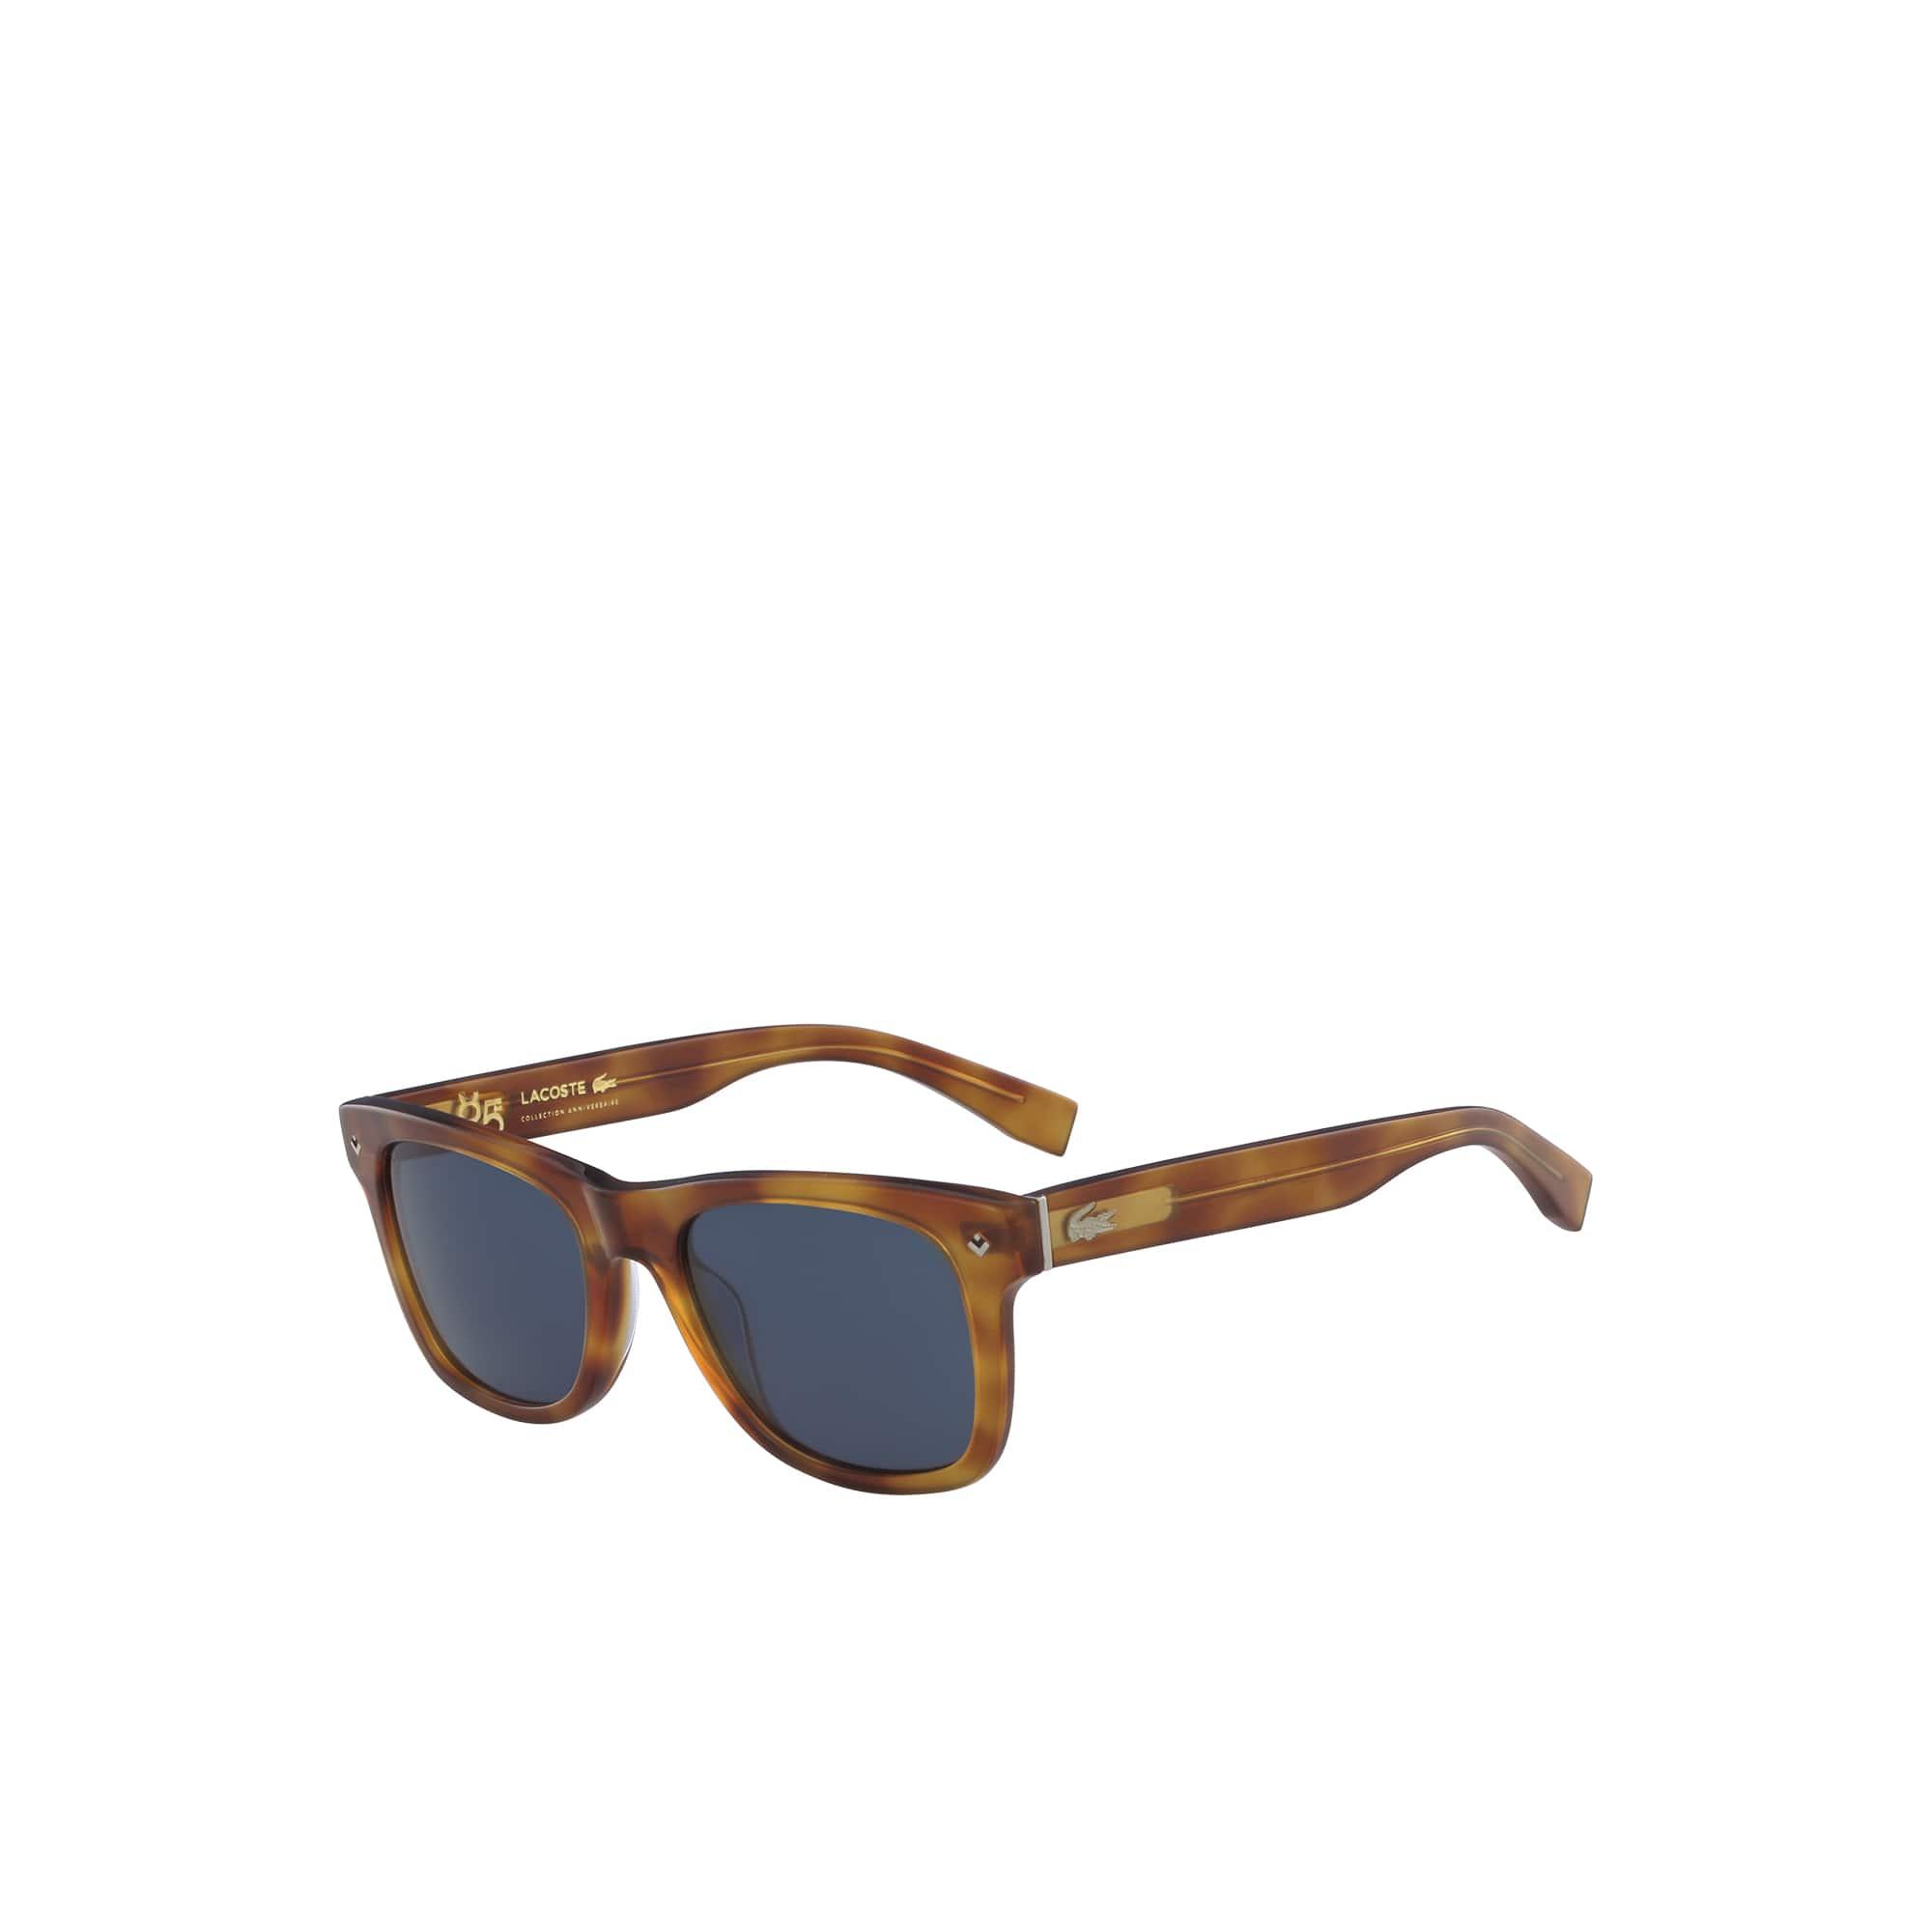 Petit piqué-zonnebril 85 verjardaag unisex met acetaatmontuur